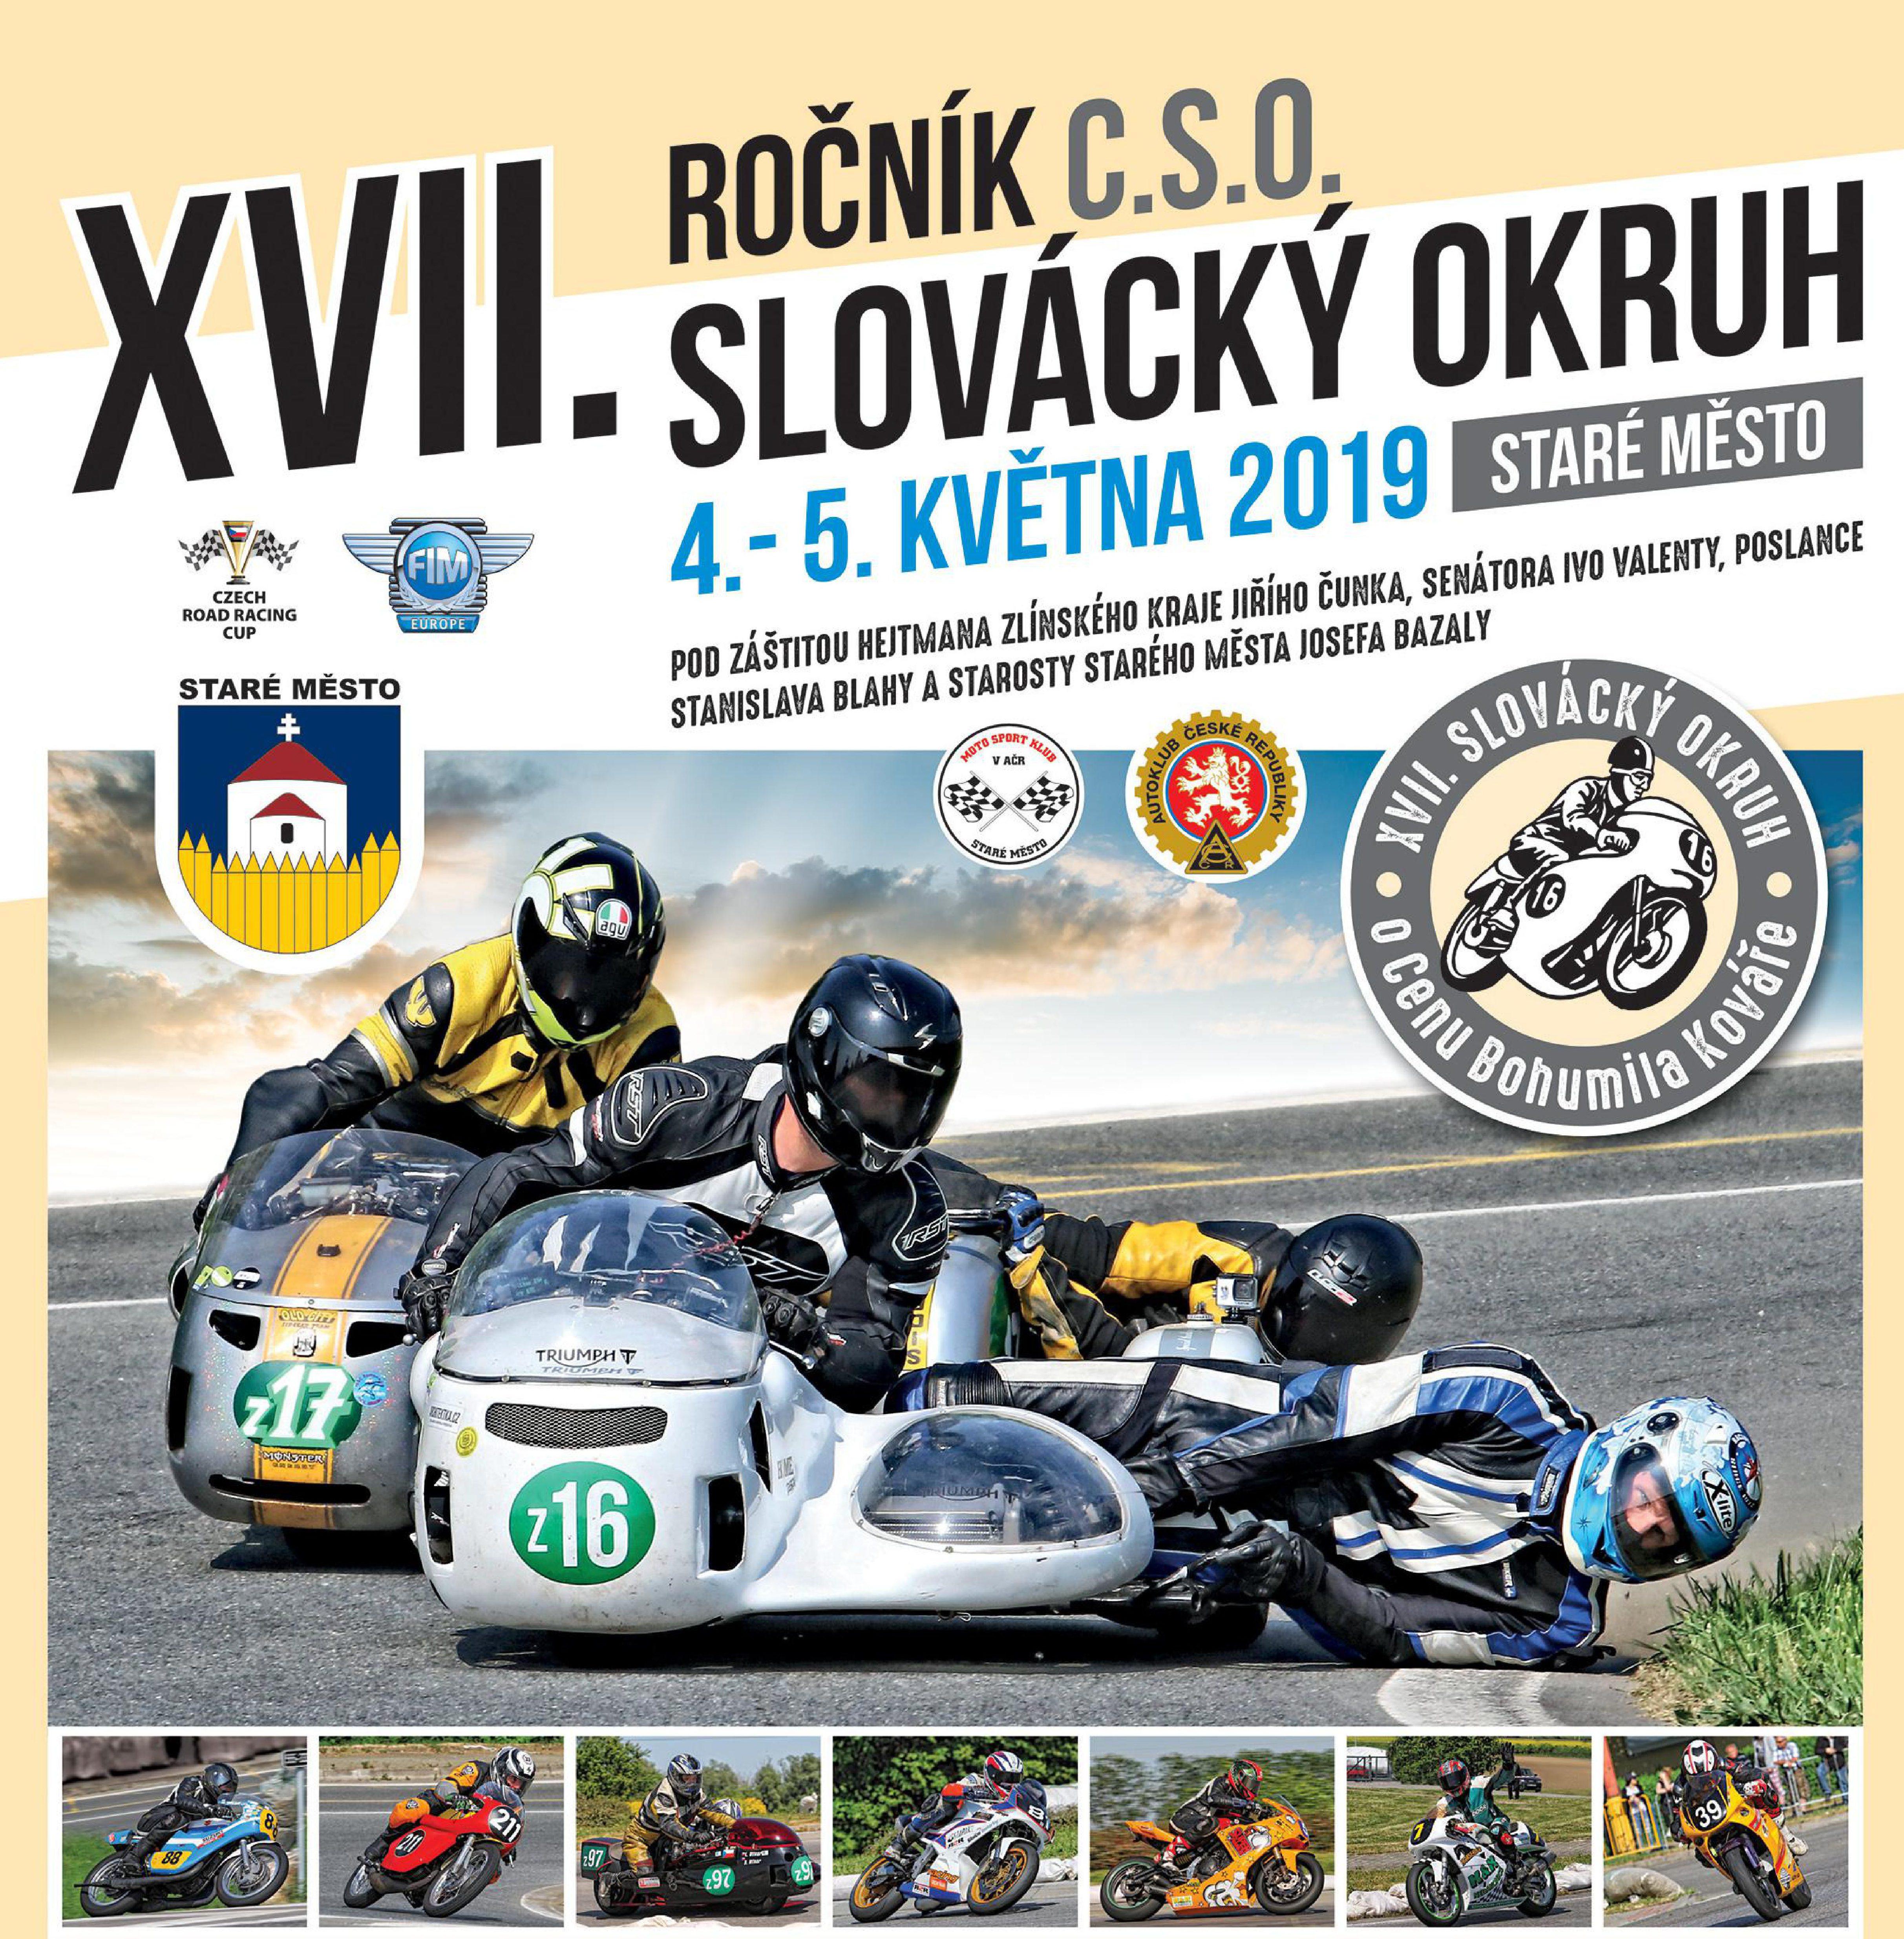 Výsledky závodů XVII. Slovácký okruh 2019